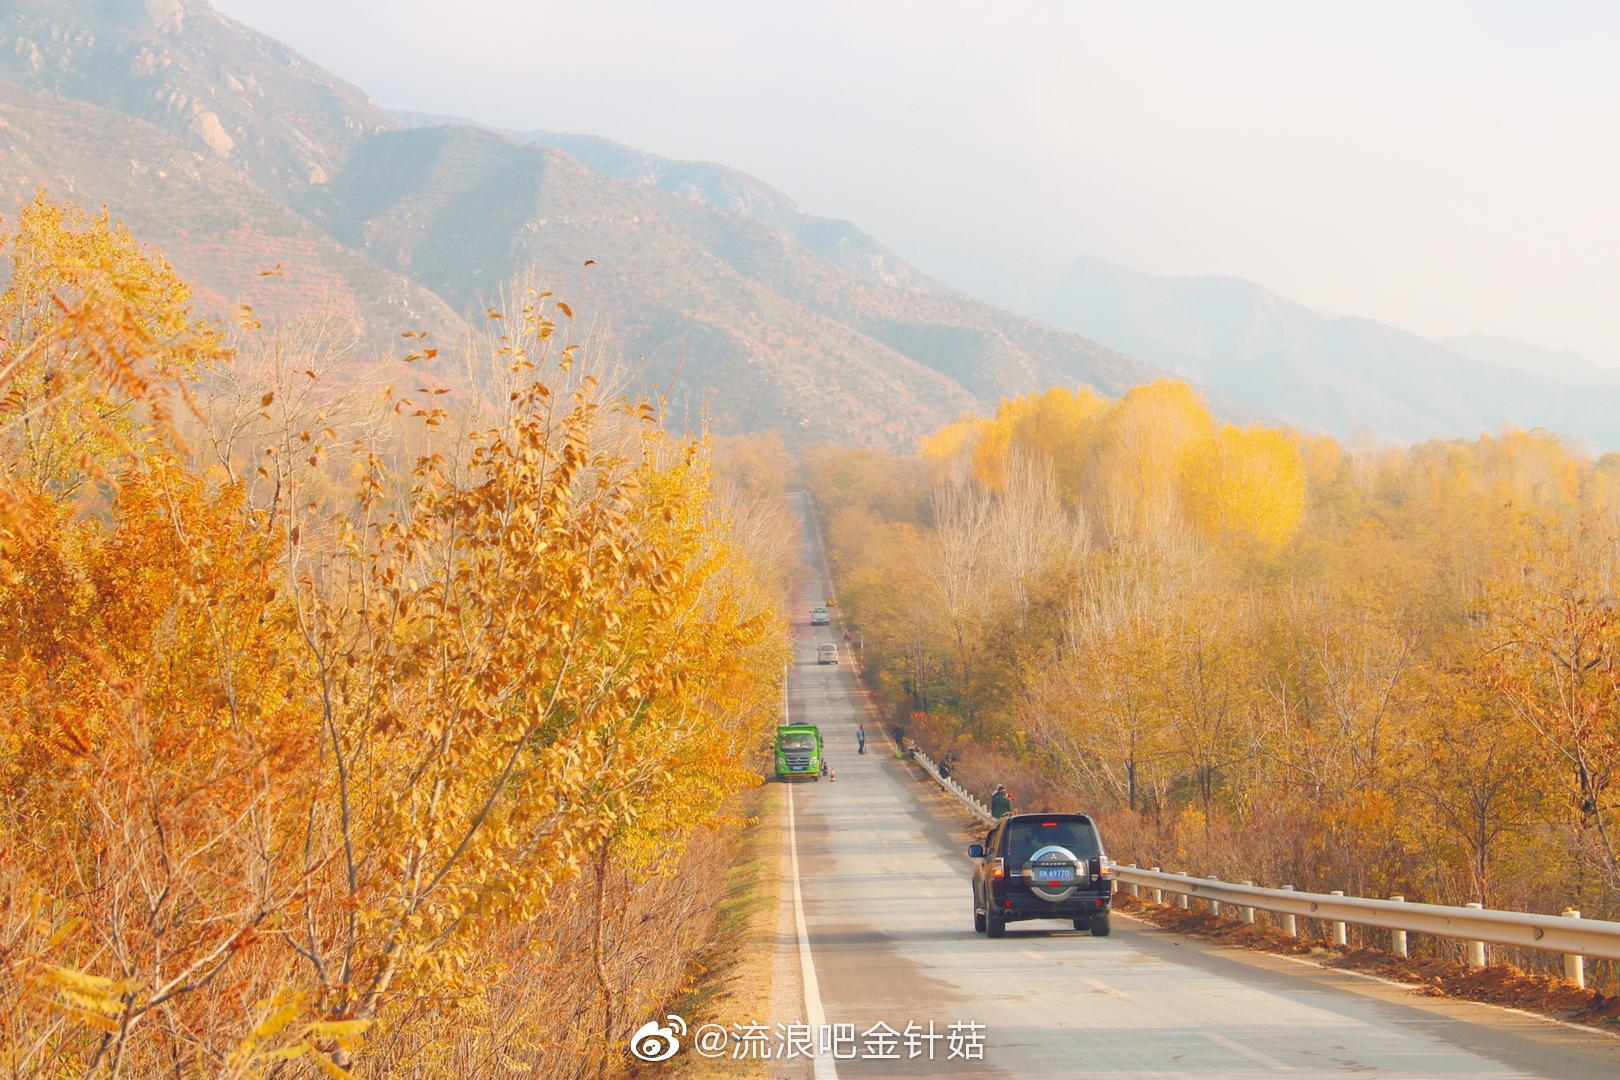 去往河北的路上,五彩斑斓的秋天